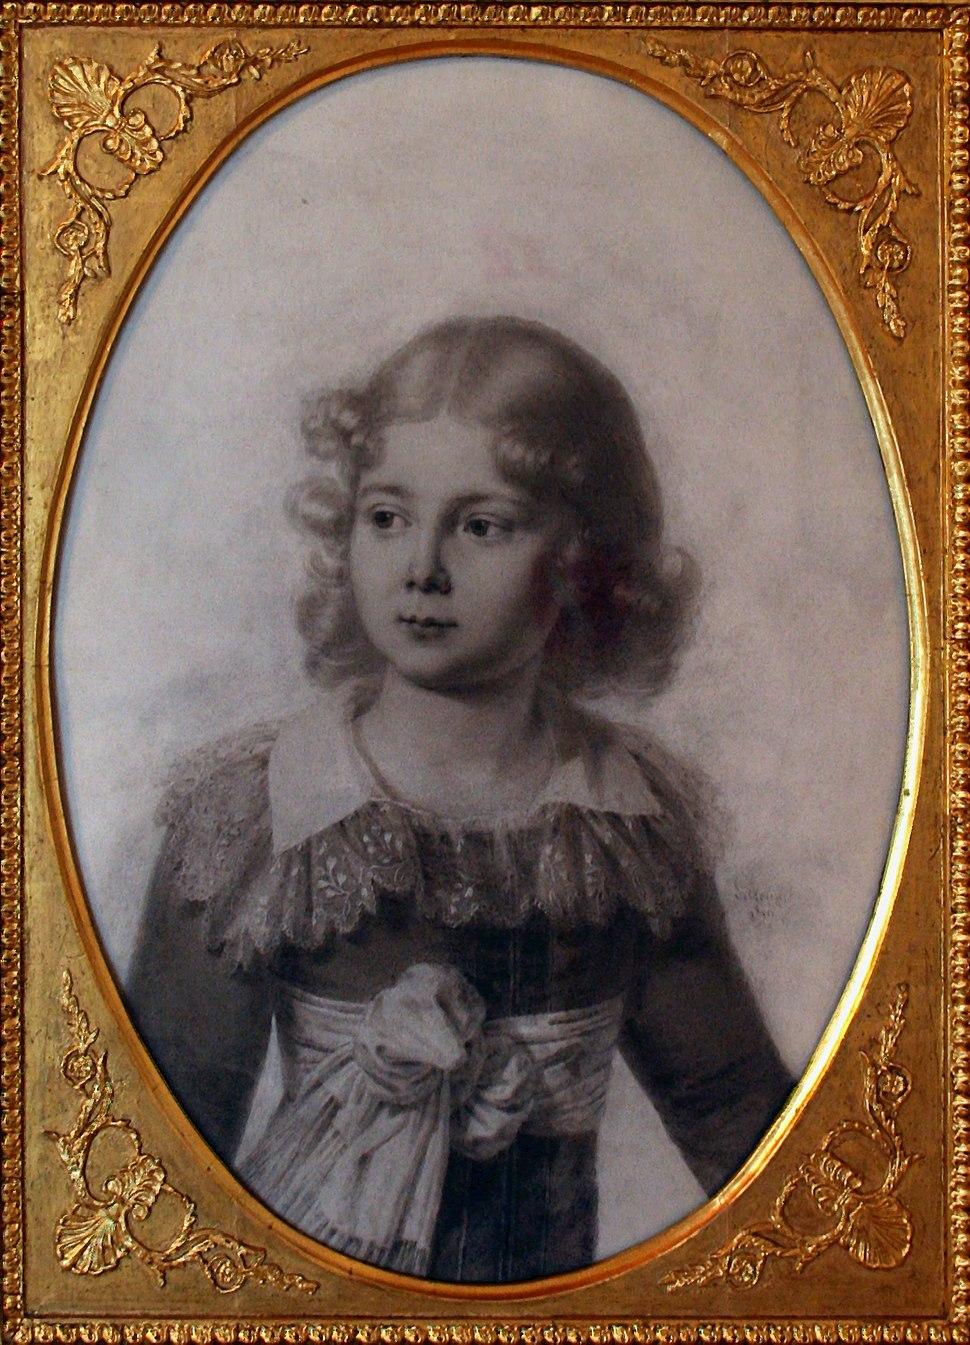 Złoty Potok dwór Krasińskich portret Zygmunta Krasińskiego 14.05.2011 p